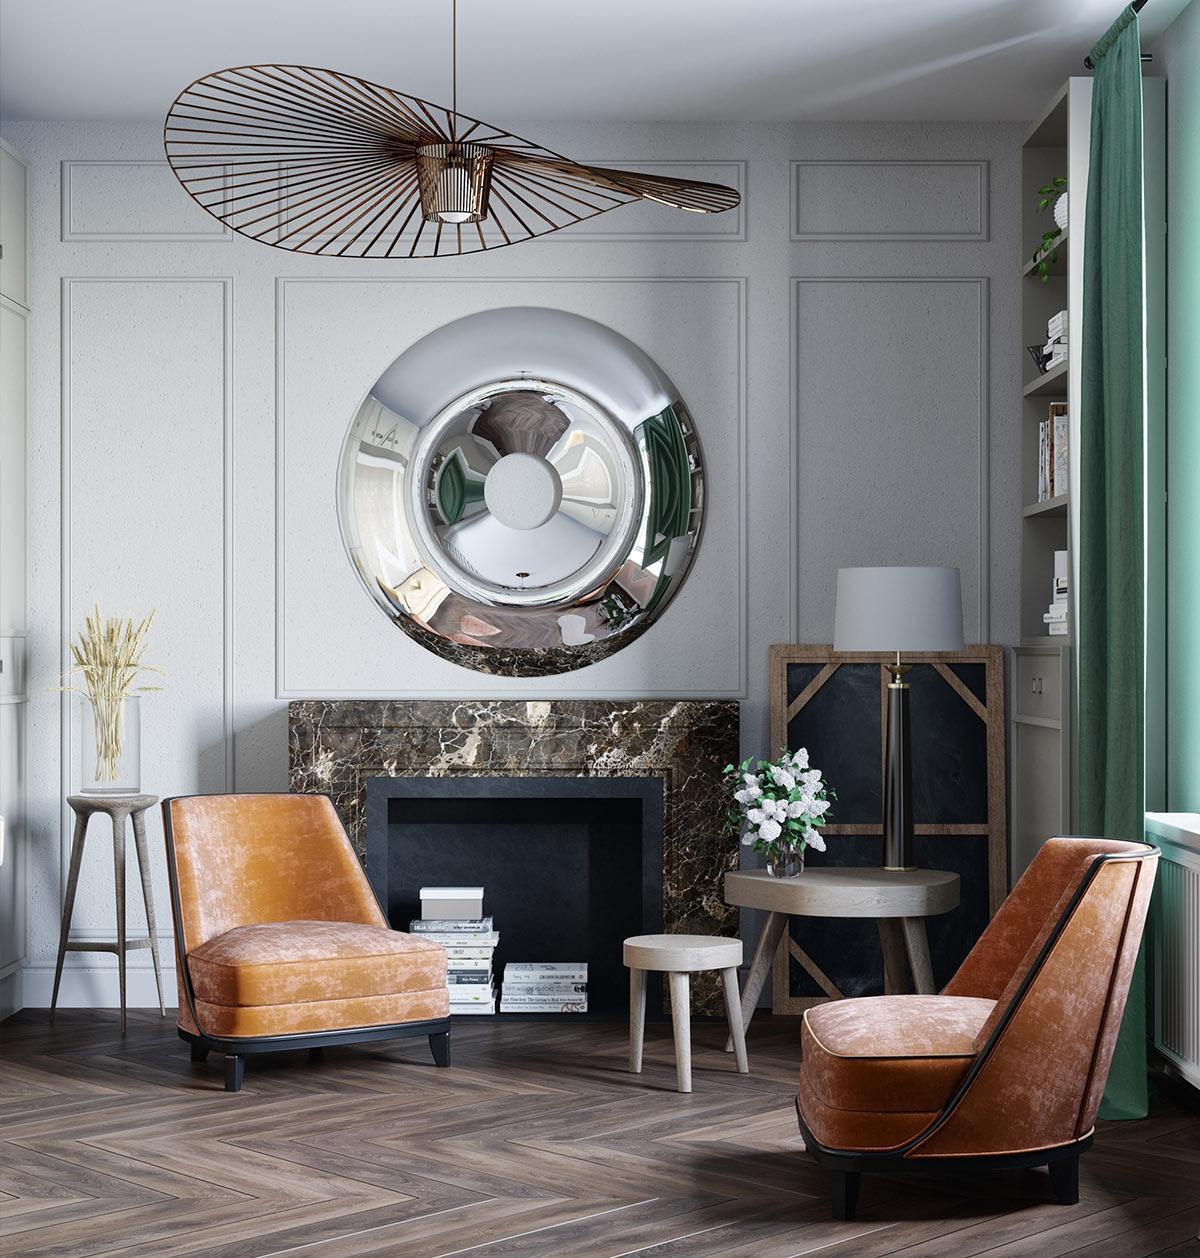 Xu hướng thiết kế nội thất tân cổ điển đậm nét phương Tây